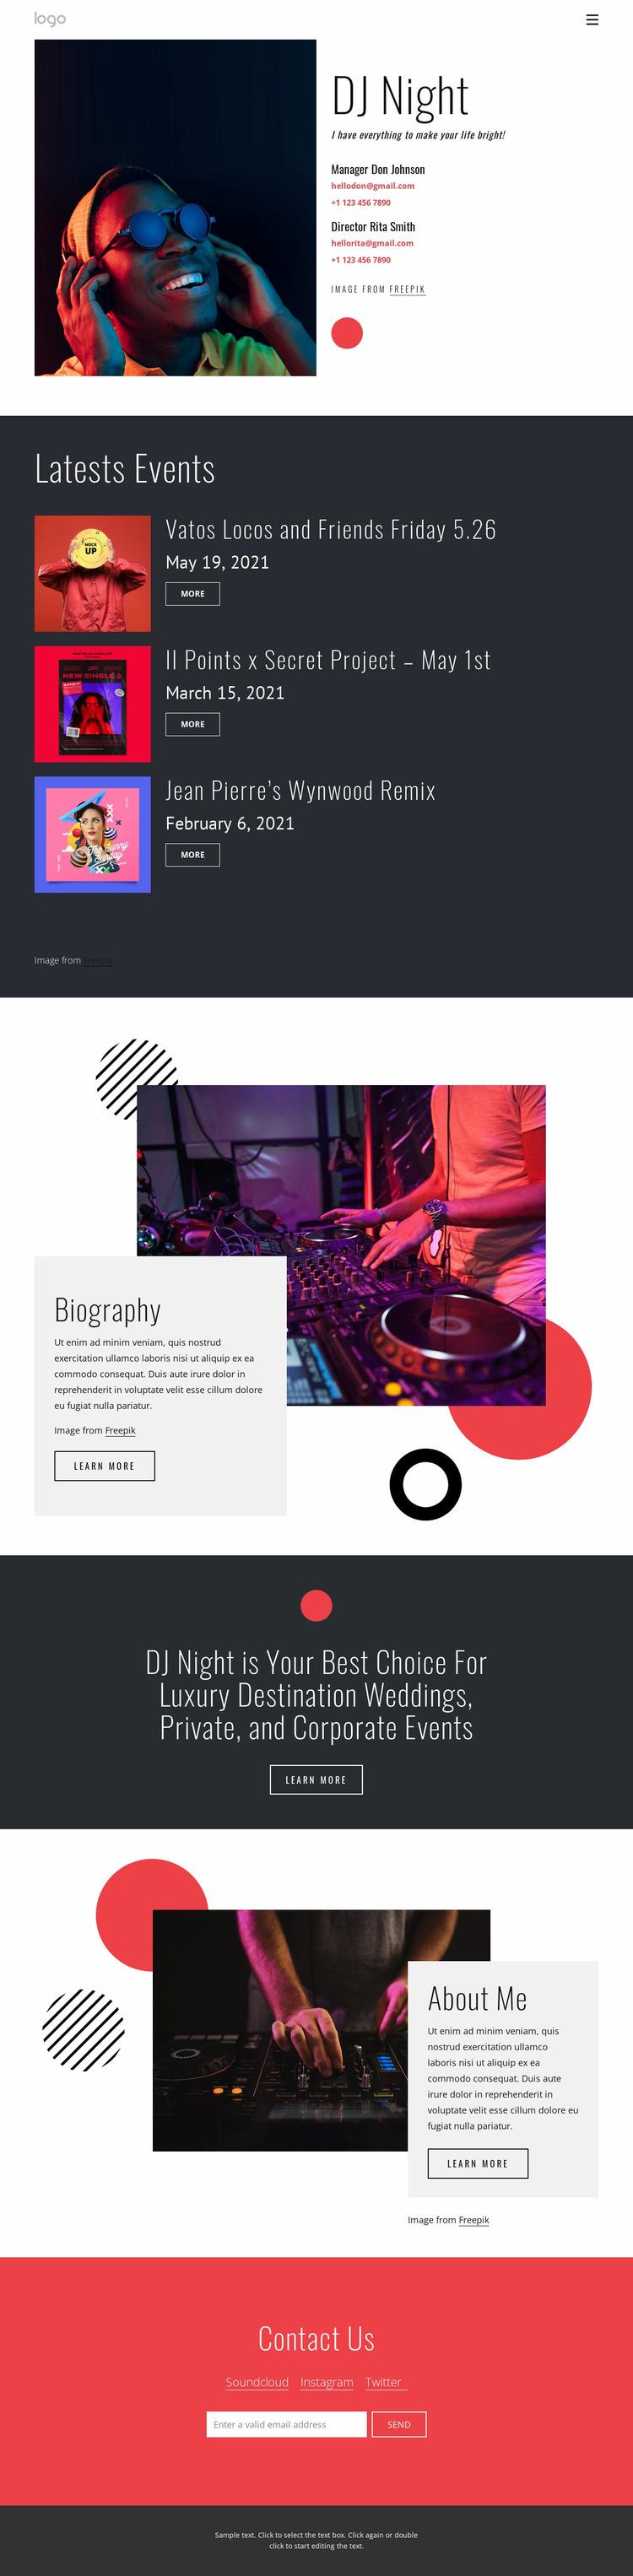 Dj night website WordPress Website Builder